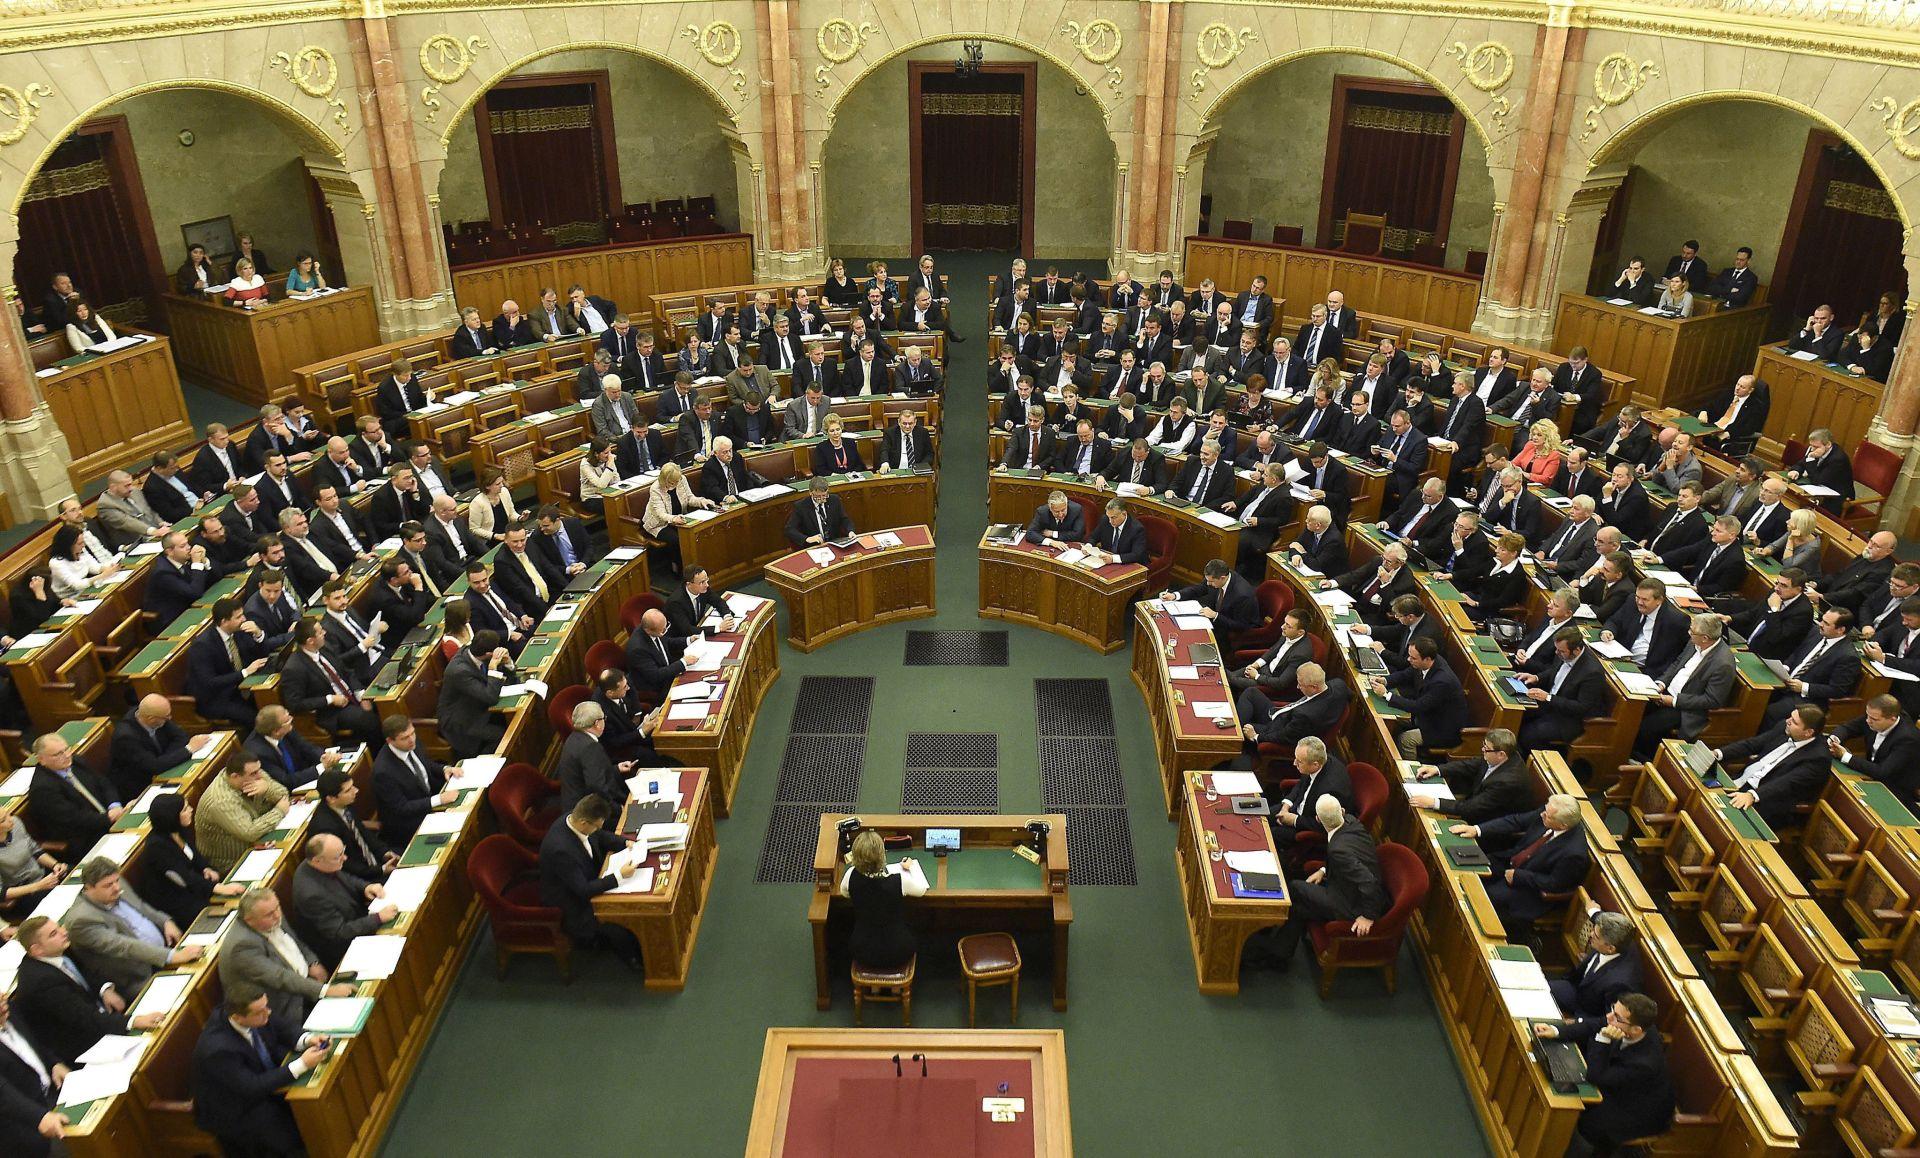 Mađarska planira pritvarati tražitelje azila dok im se obrađuju zahtjevi